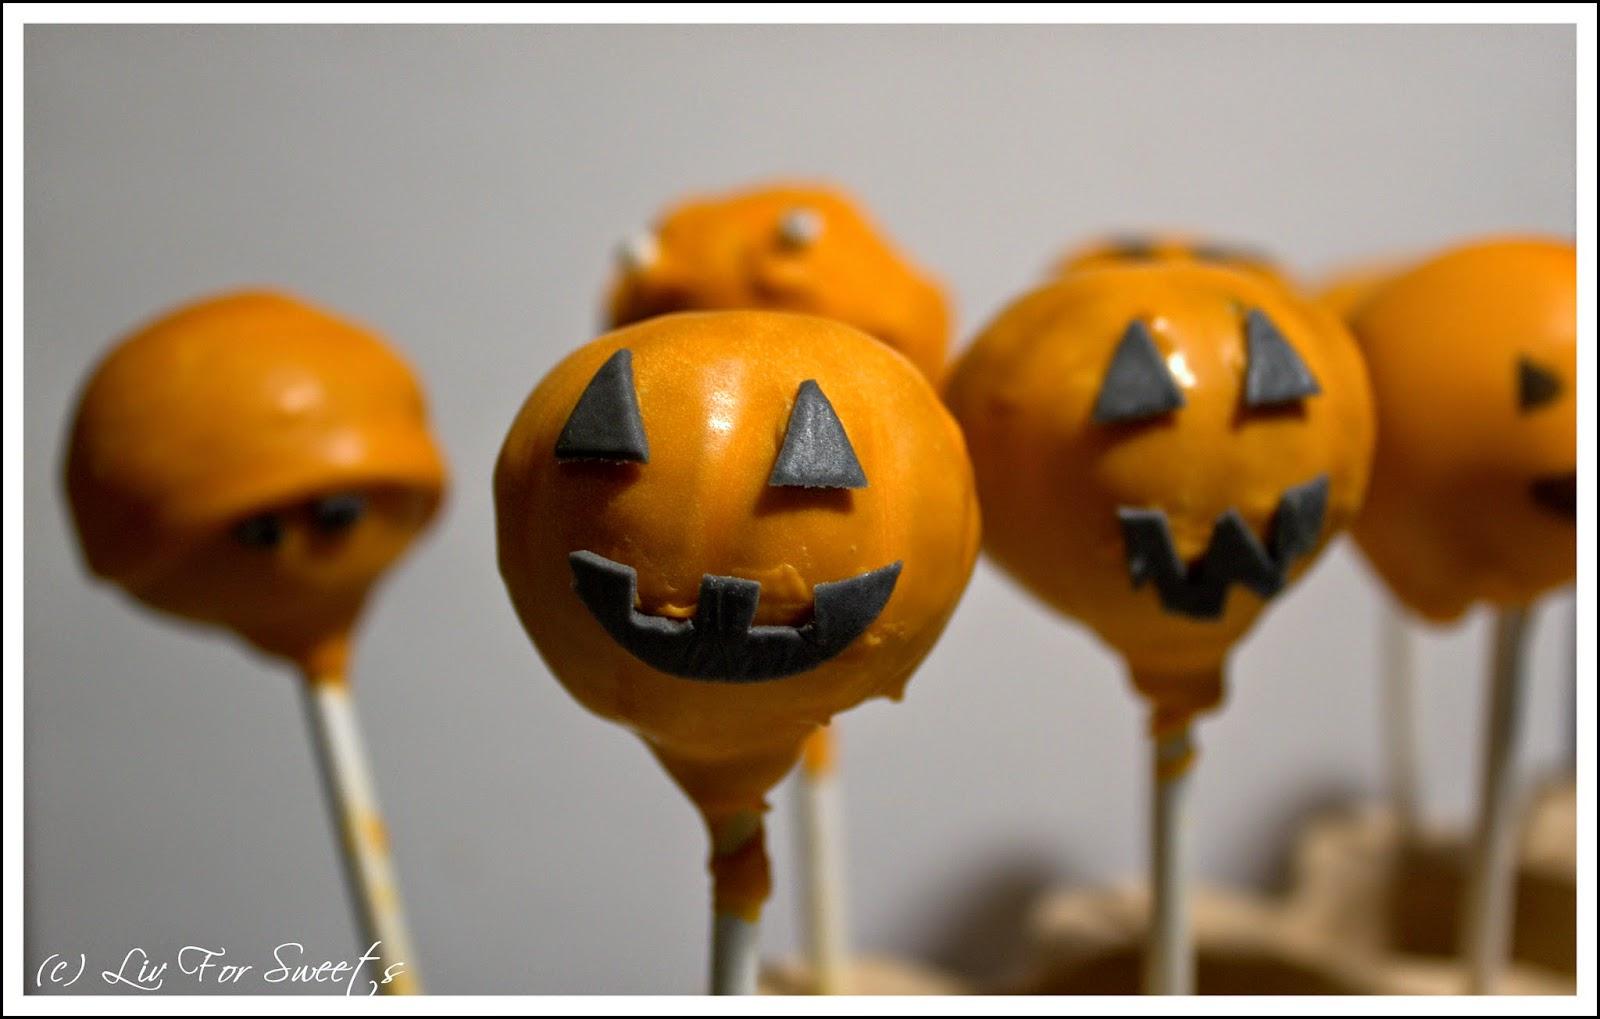 Cake-Pops aus Red Velvet Cupcakes mit einem Überzug aus orangefarbenen Candy Melts, Rezept, Halloween, Thermomix